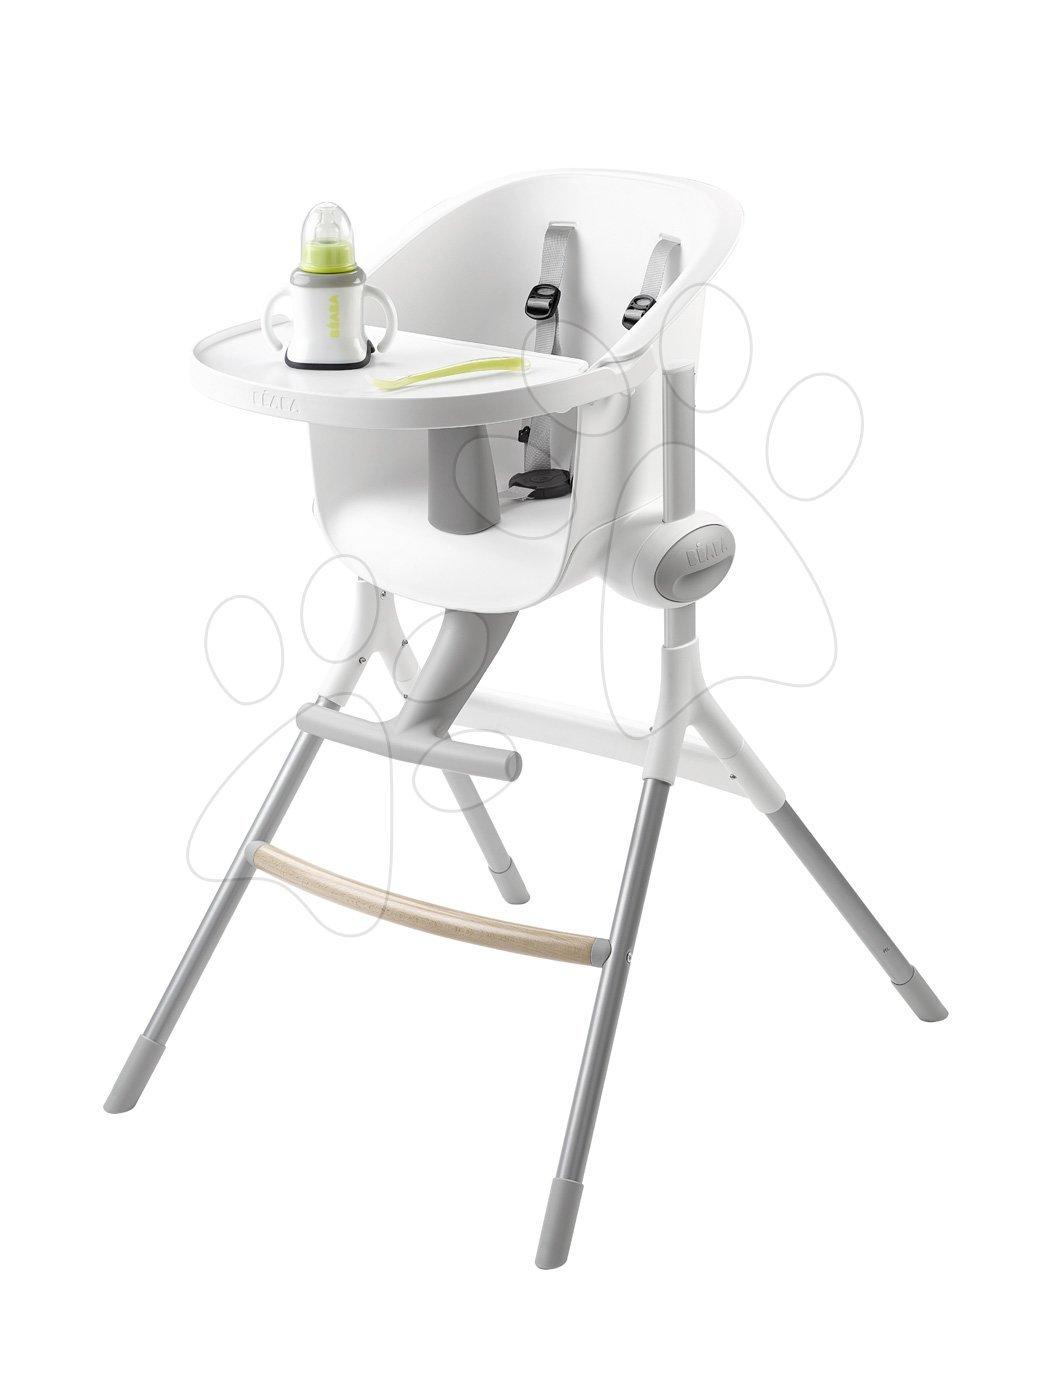 Jedálenská stolička z dreva Up & Down High Chair Beaba polohovatelná do 6 výšok, šedo-biela od 6-36 mesiacov